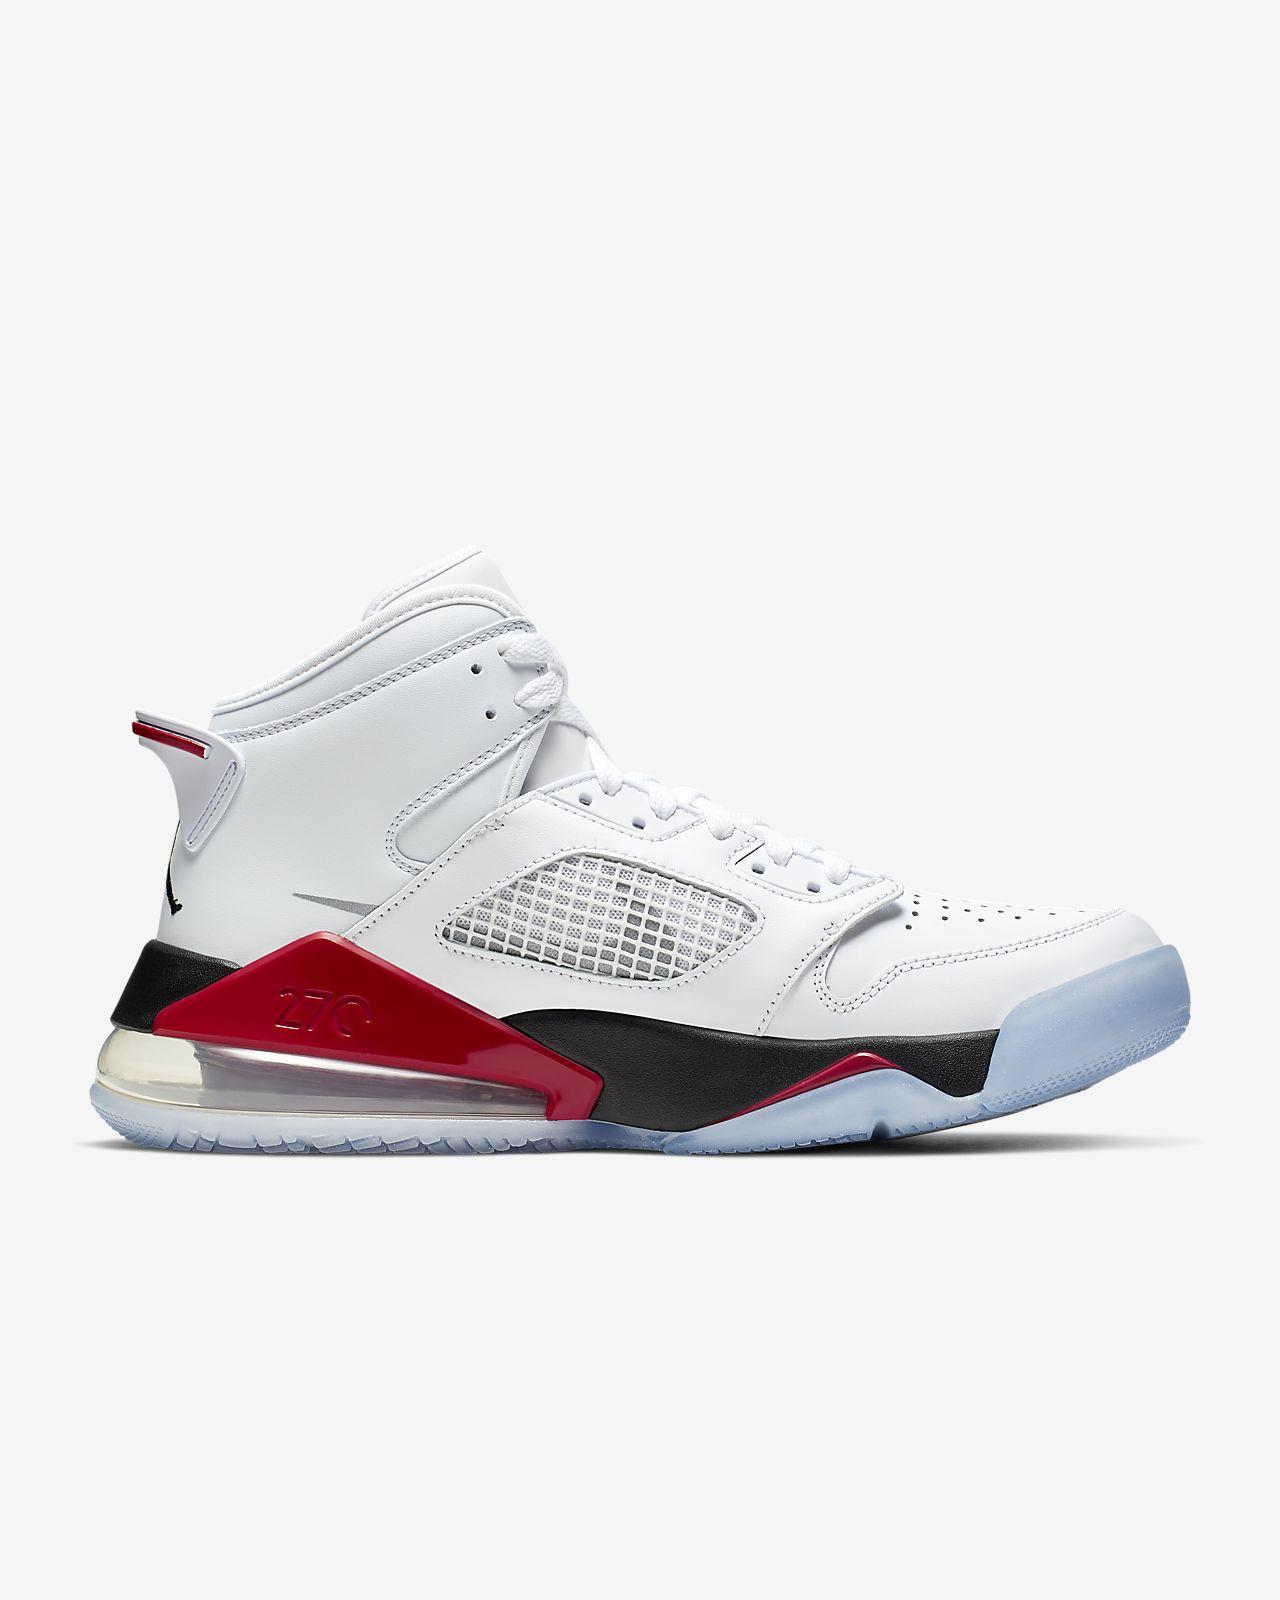 270 Jordan Homme Mars Pour Chaussure hQdtCsBorx